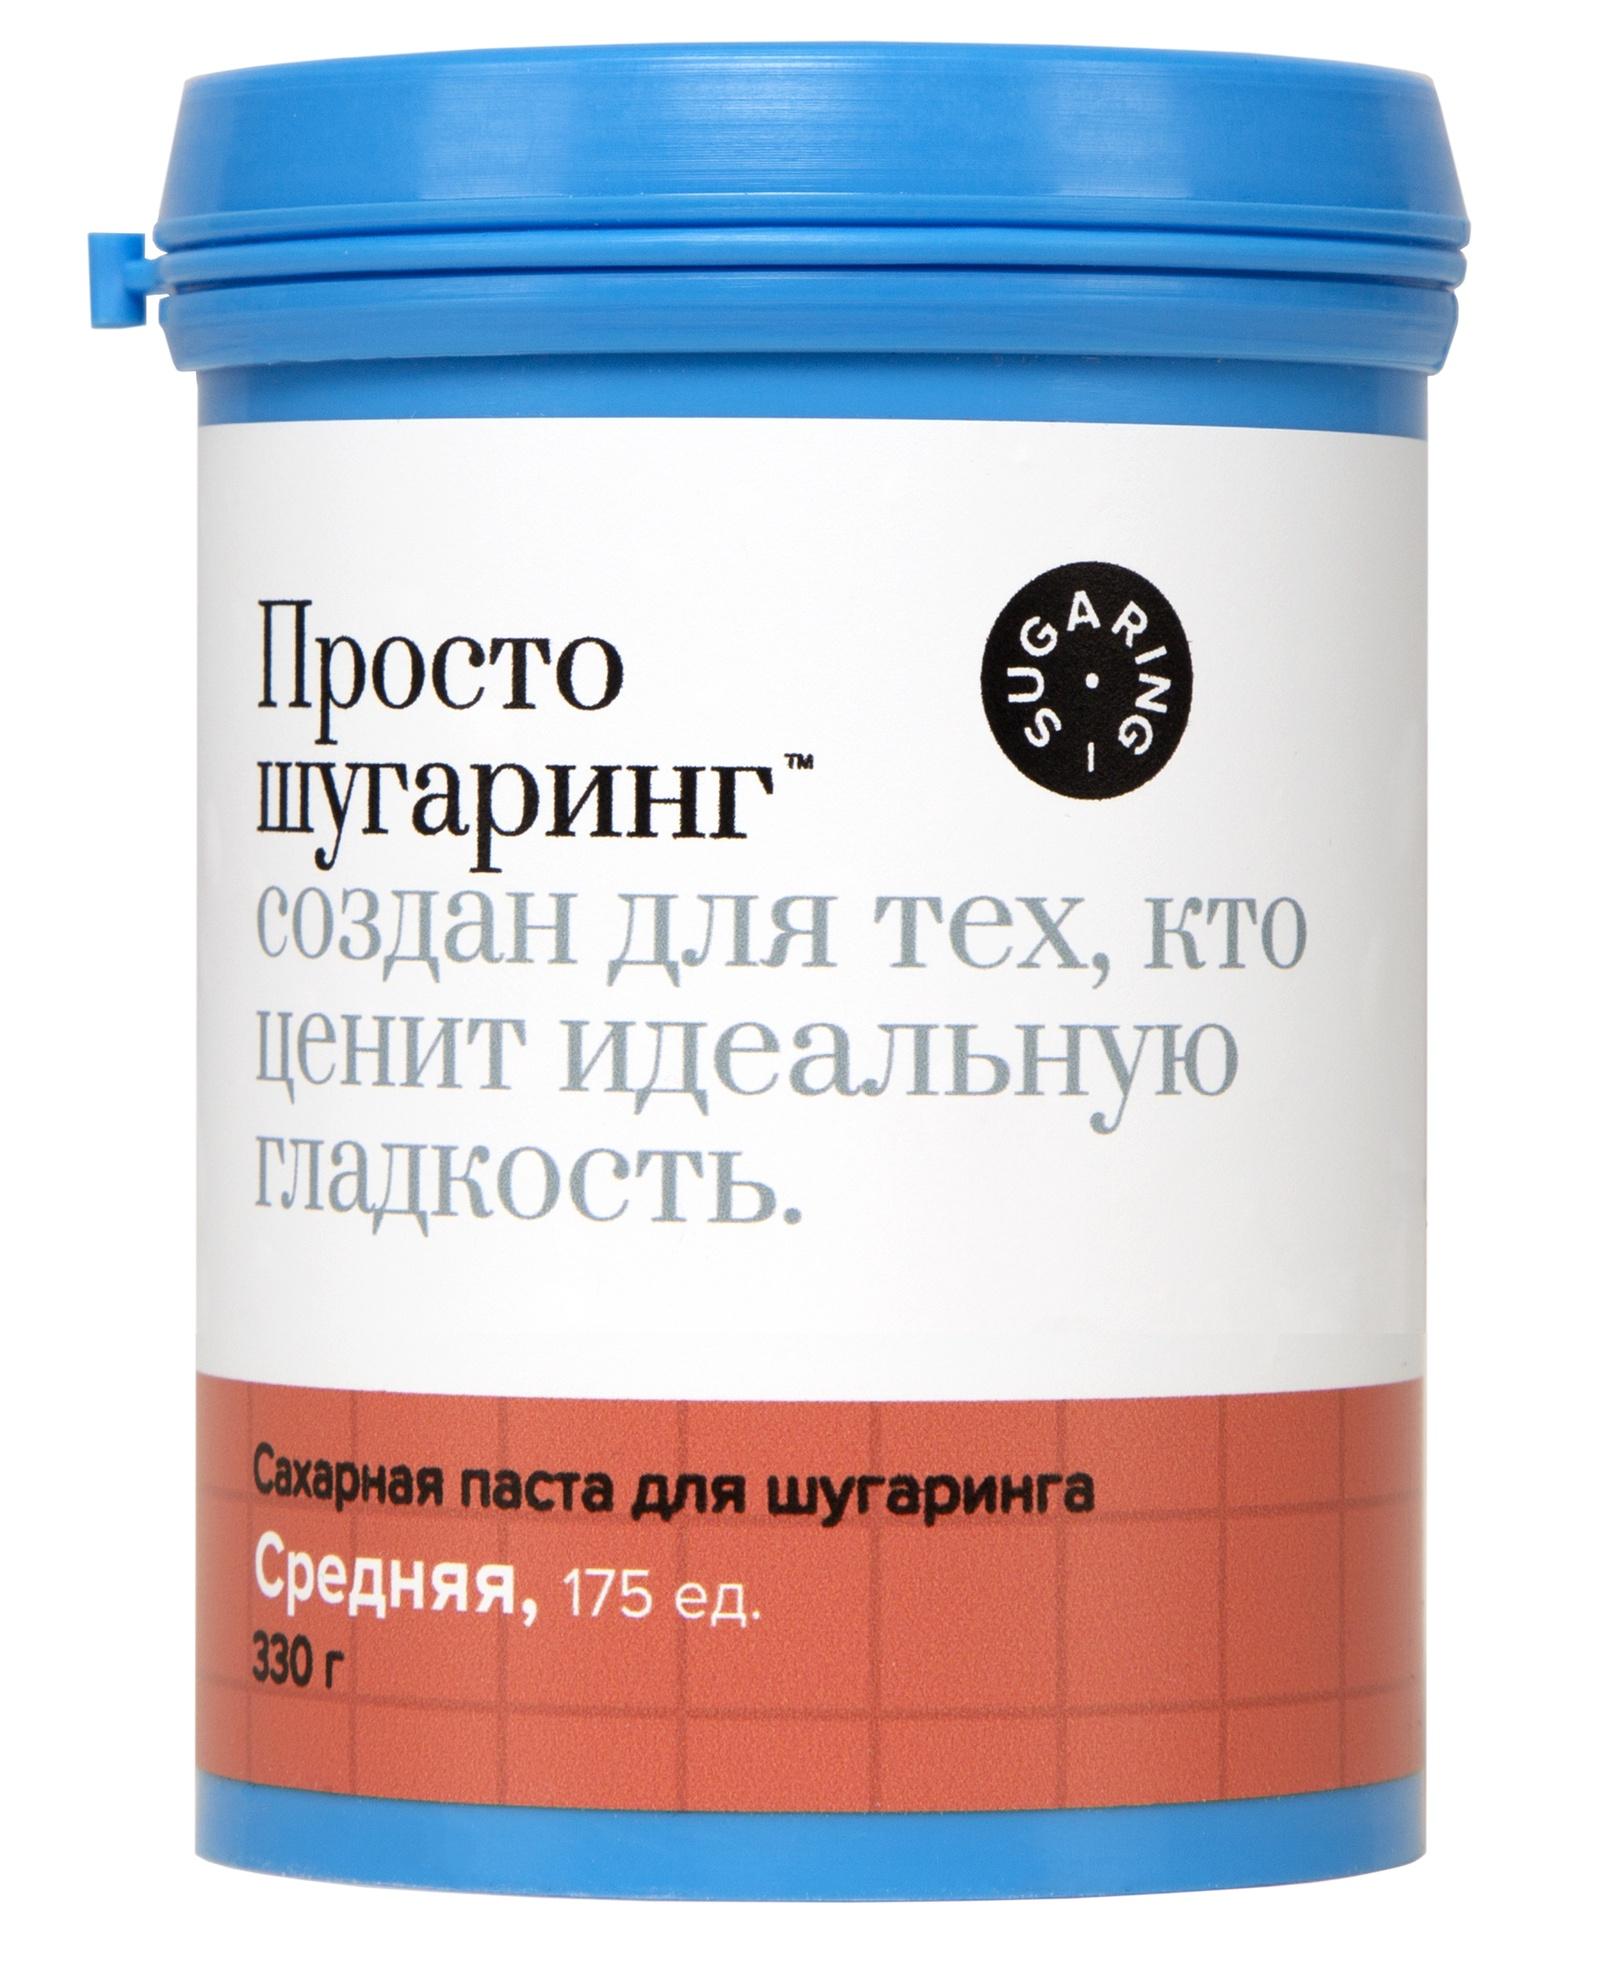 Сахарная паста для депиляции средняя Просто шугаринг, Gloria, 0,33 кг